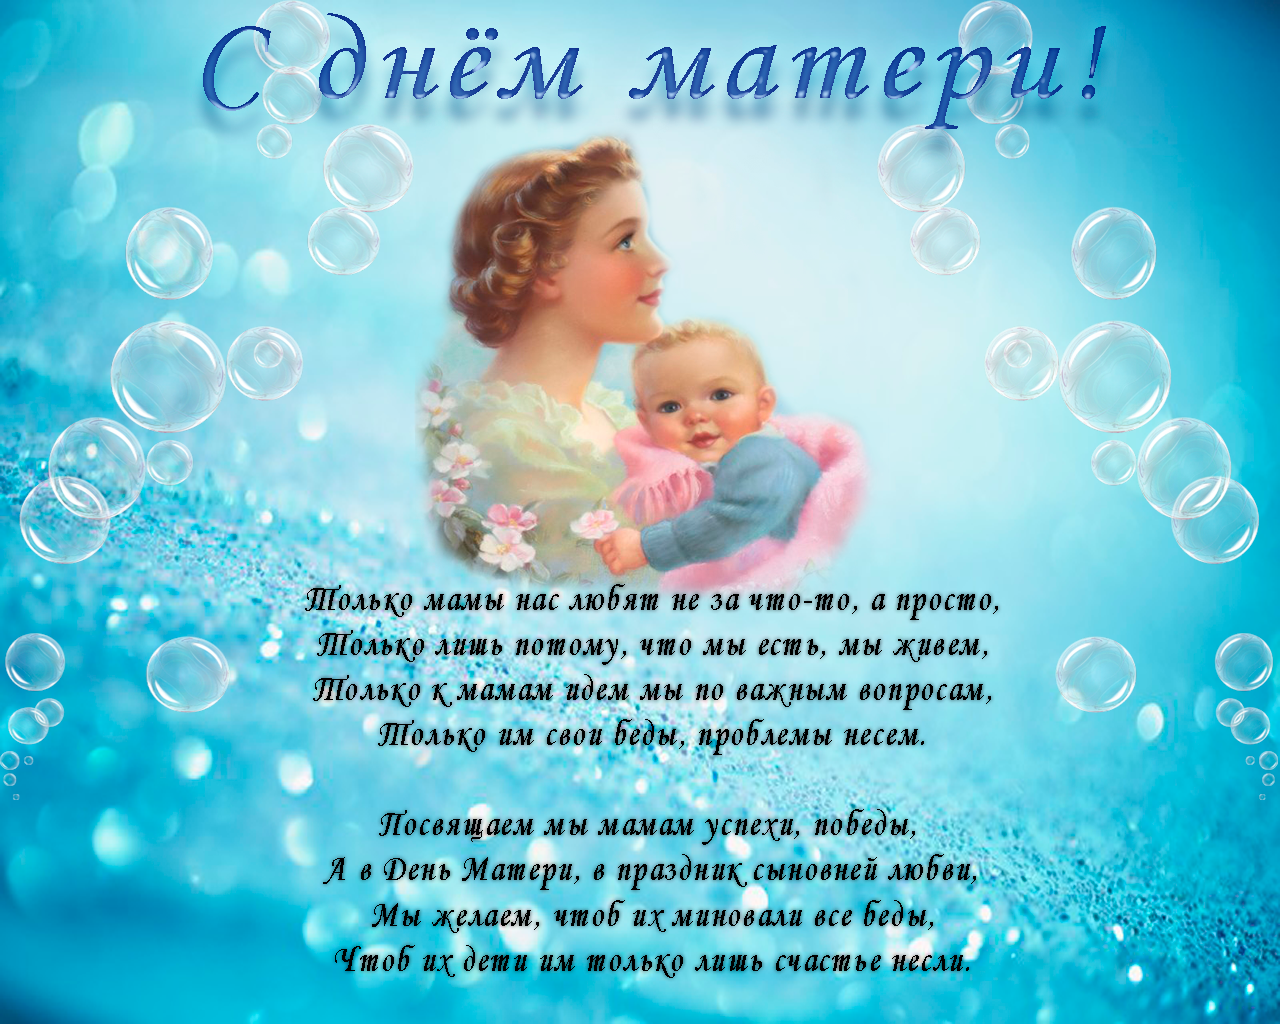 Открытка с днем матери для дошкольников